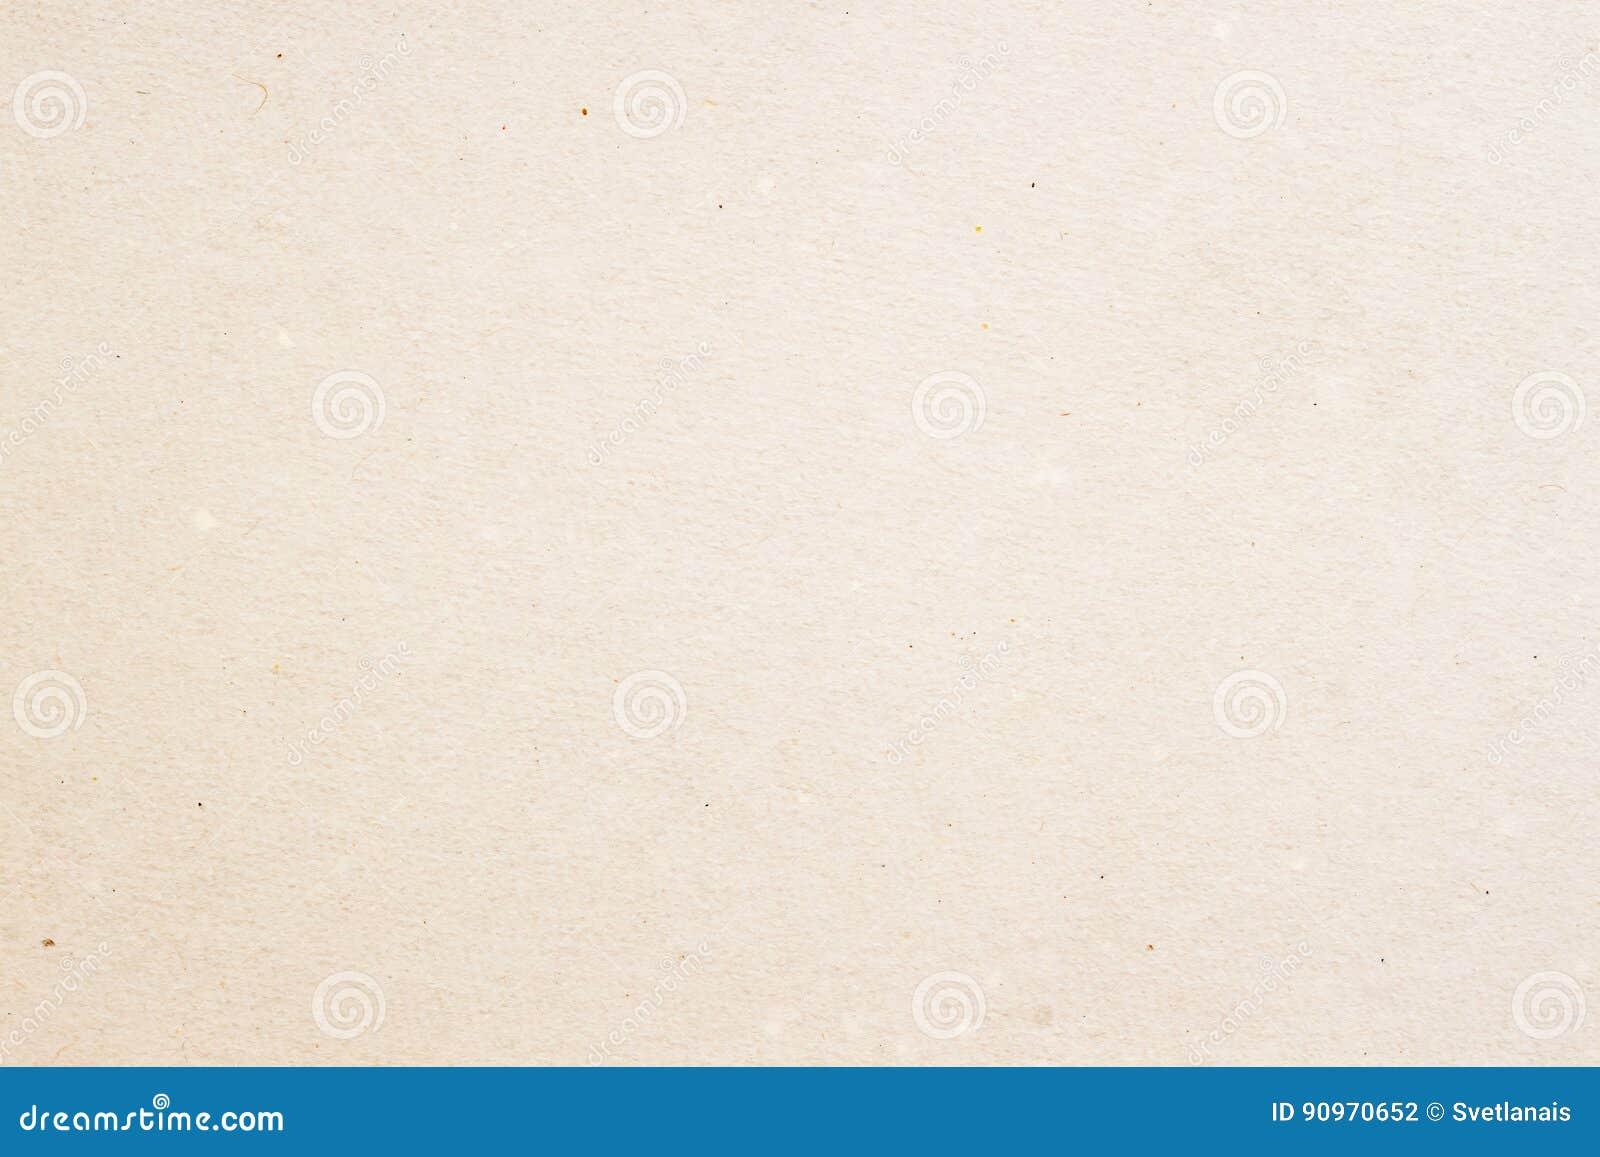 Tekstura stary organicznie lekkiej śmietanki papier, tło dla projekta z kopii przestrzeni tekstem lub wizerunek, Recyclable mater